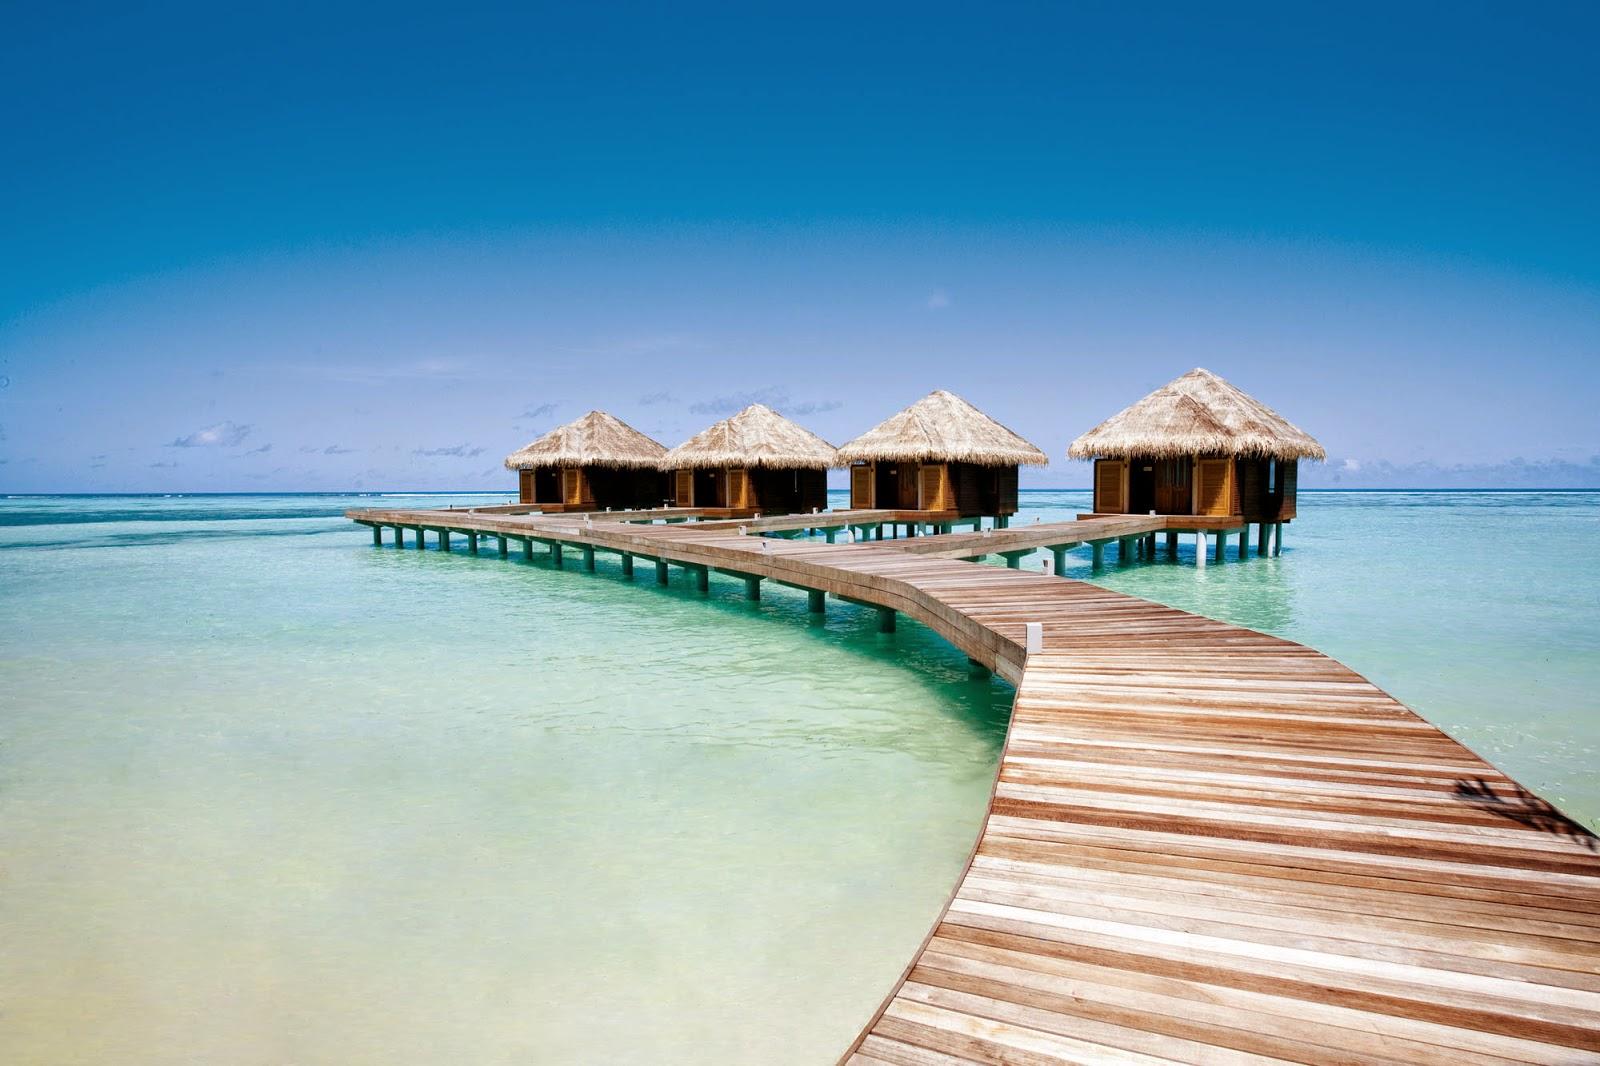 viaggiatoridigitali: Pasqua alle Maldive? Si può a prezzi ...